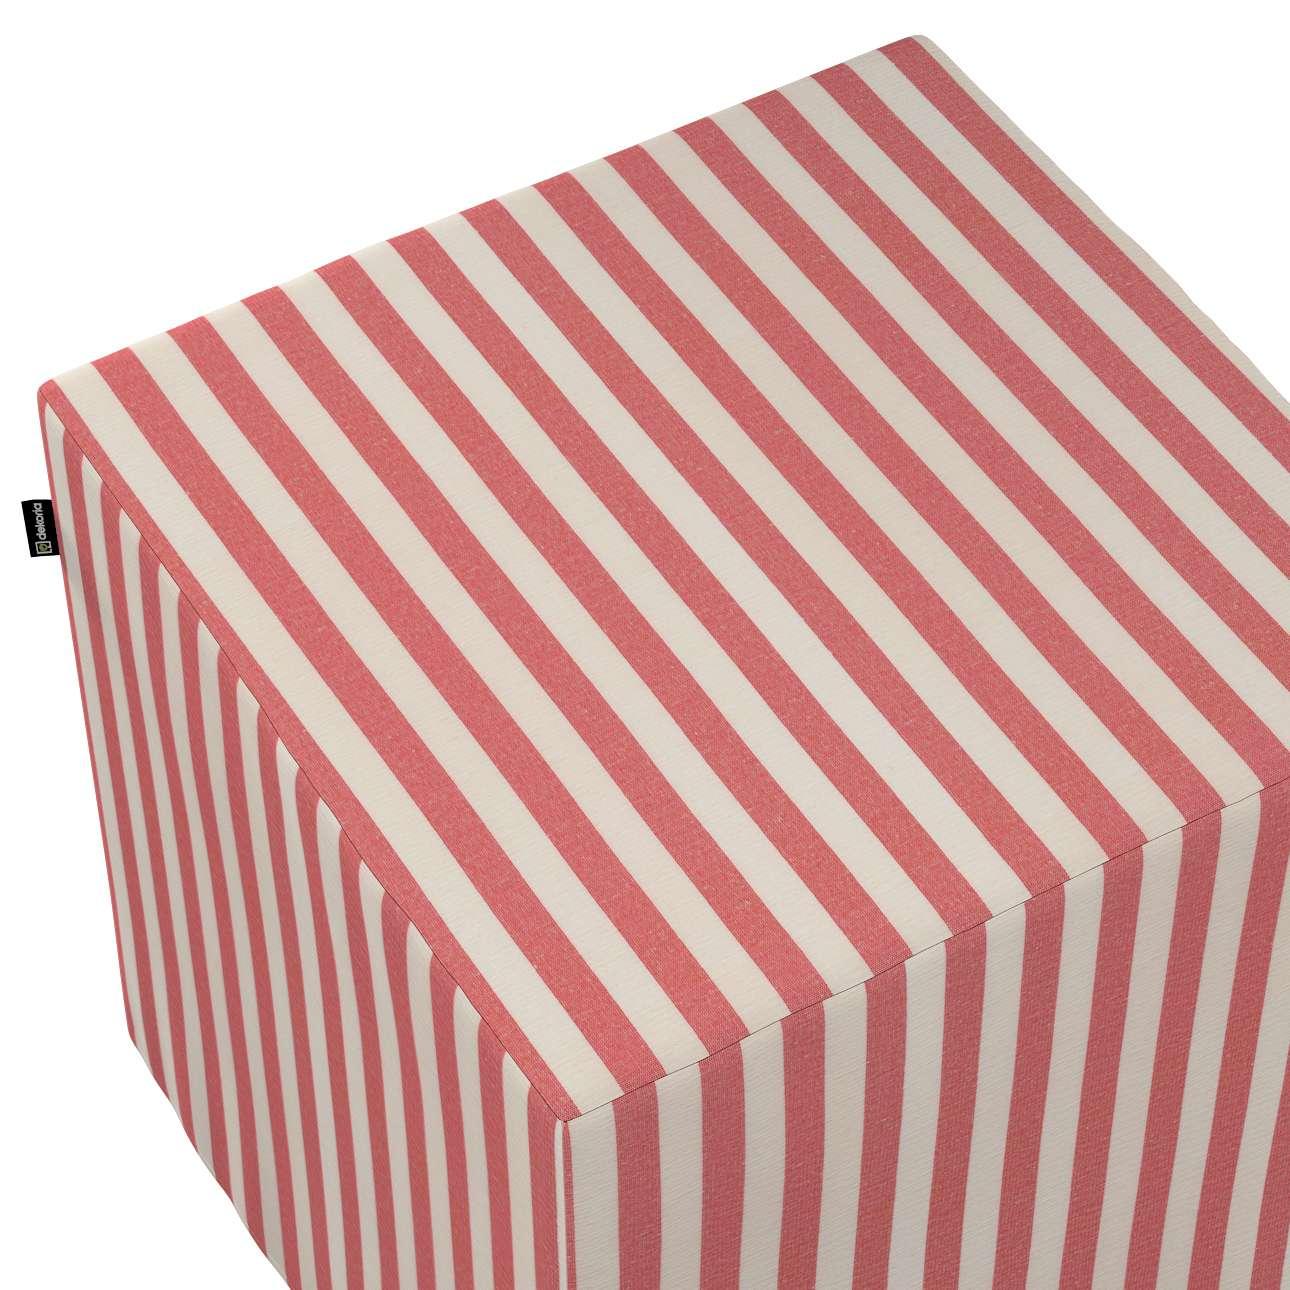 Taburetka tvrdá, kocka V kolekcii Quadro, tkanina: 136-17